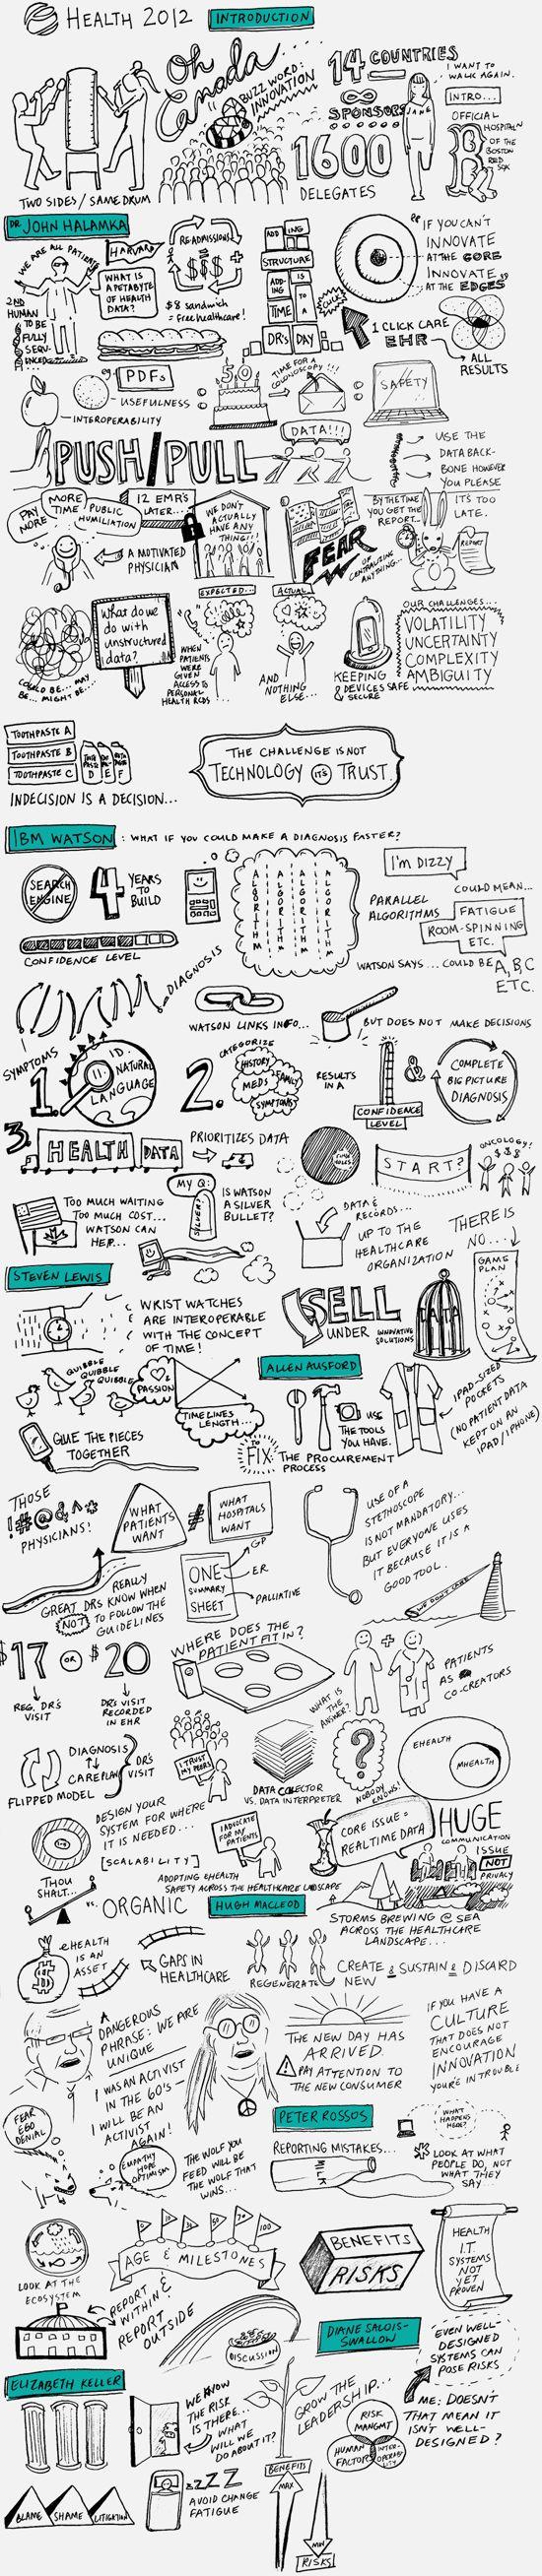 eHealth 2012 sketchnotes from Cassie McDaniel via SketchnoteArmy